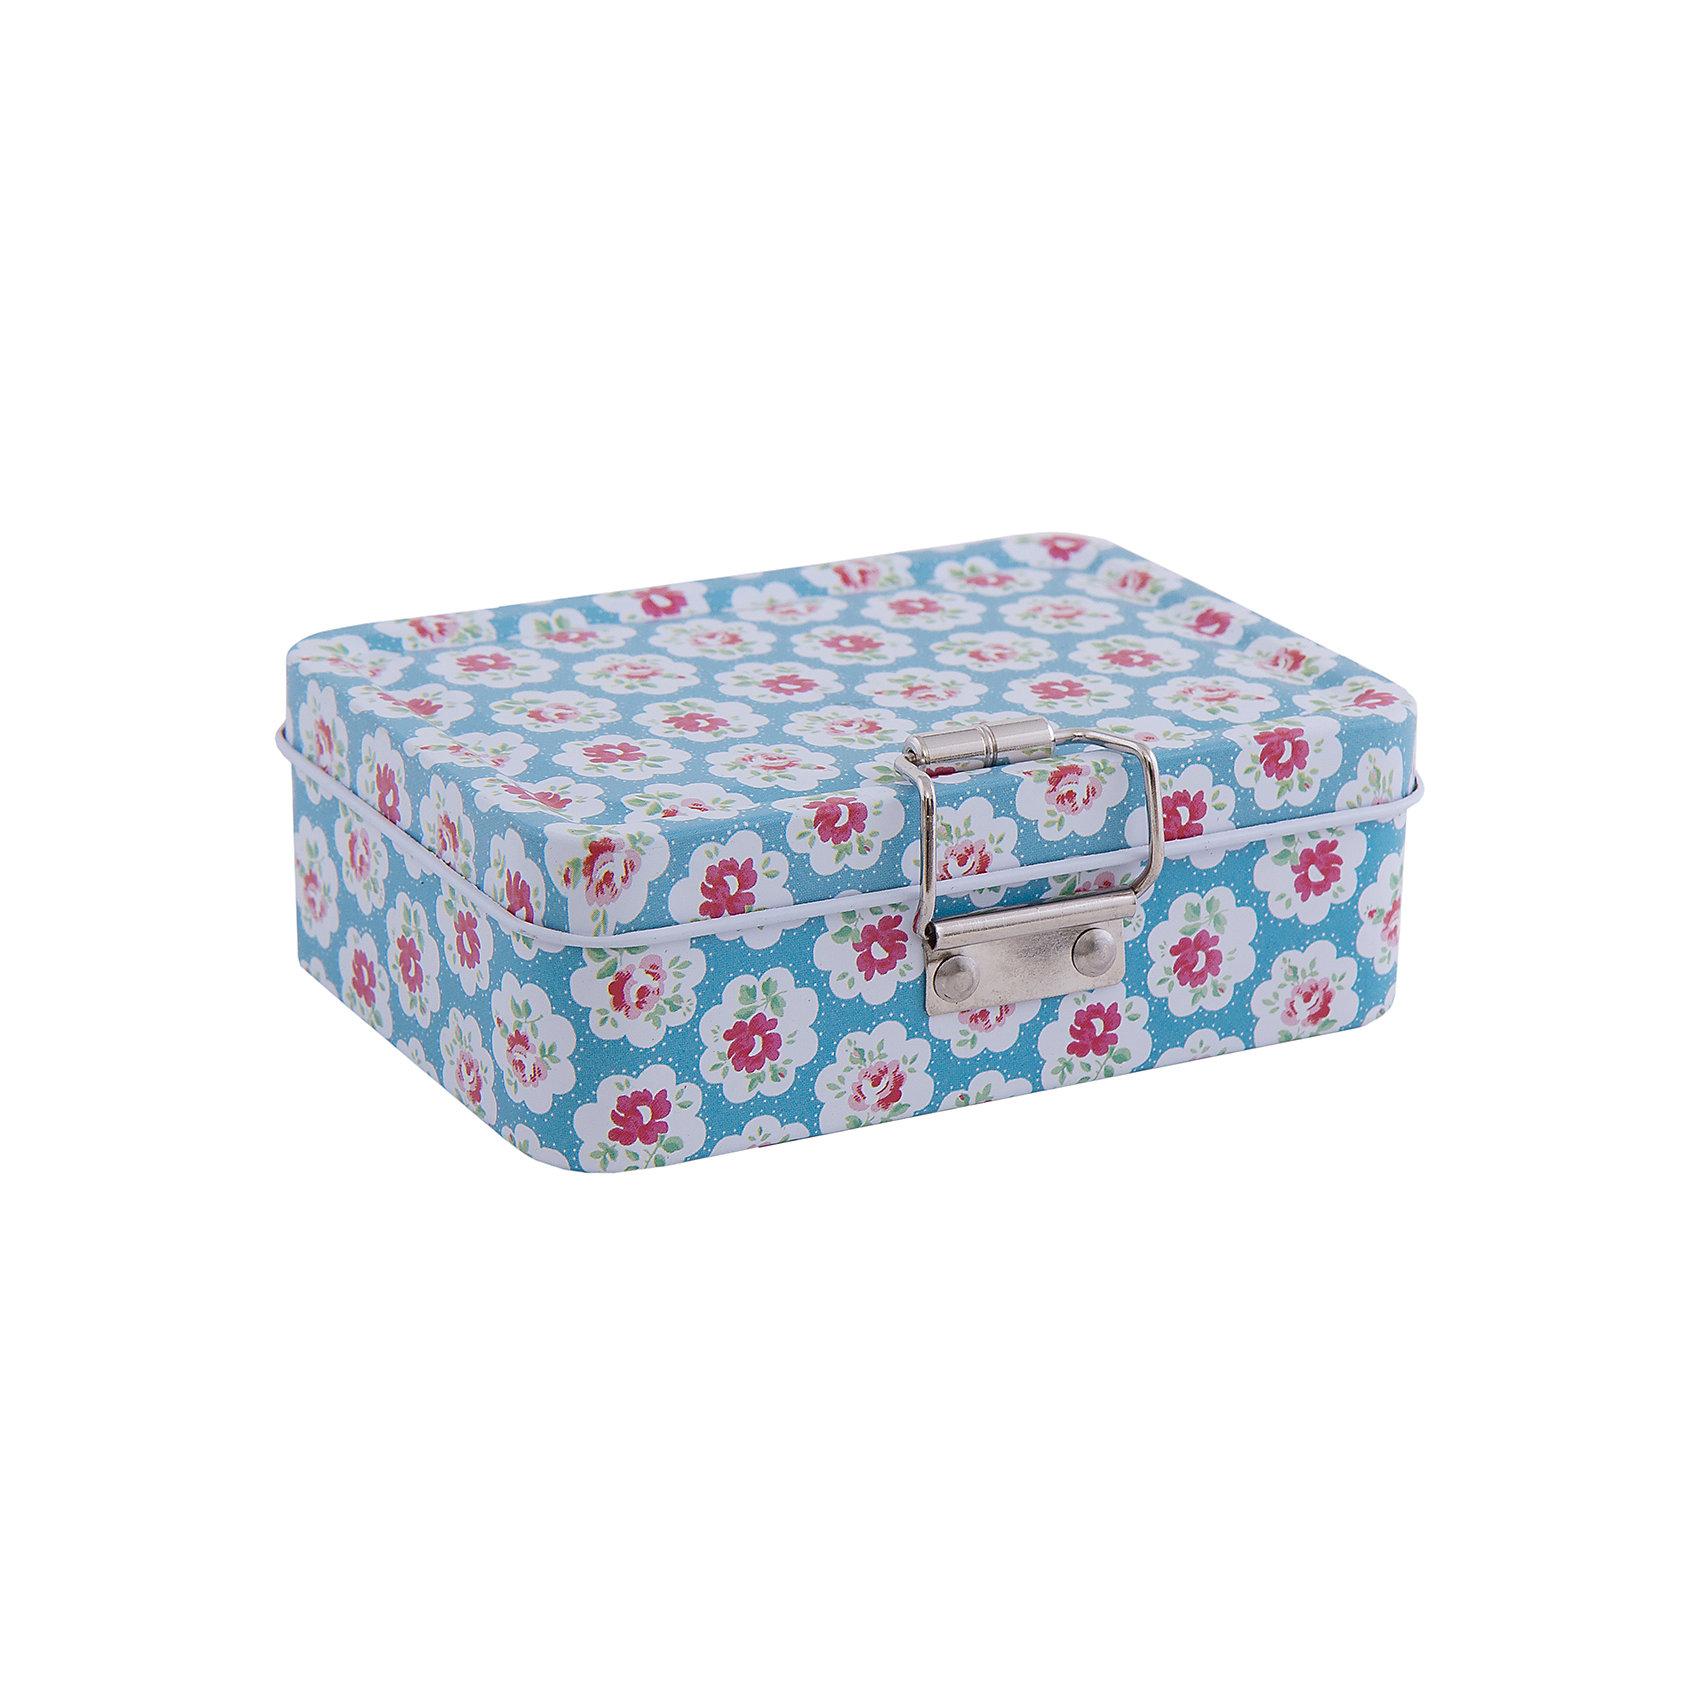 Коробка для безделушек и мелочей Цветные облака (12.5*9*4см)Предметы интерьера<br>Коробка для безделушек и мелочей Цветные облака изготовлена из металла, закрывается крышкой и застежкой, есть съемное отделение. Коробка украшена симпатичным рисунком, достаточно вместительная и отлично подойдет для хранения небольших вещей. Такая коробка приятно дополнит интерьер комнаты или станет восхитительным подарком близкому человеку.<br><br>Дополнительная информация:<br>Дополнительное съемное отделение<br>Материал:  металл<br>Размер: 12,5х9х4 см<br>Коробку для безделушек и мелочей Цветные облака вы можете купить в нашем интернет-магазине.<br><br>Ширина мм: 310<br>Глубина мм: 460<br>Высота мм: 460<br>Вес г: 151<br>Возраст от месяцев: 84<br>Возраст до месяцев: 216<br>Пол: Унисекс<br>Возраст: Детский<br>SKU: 4957958